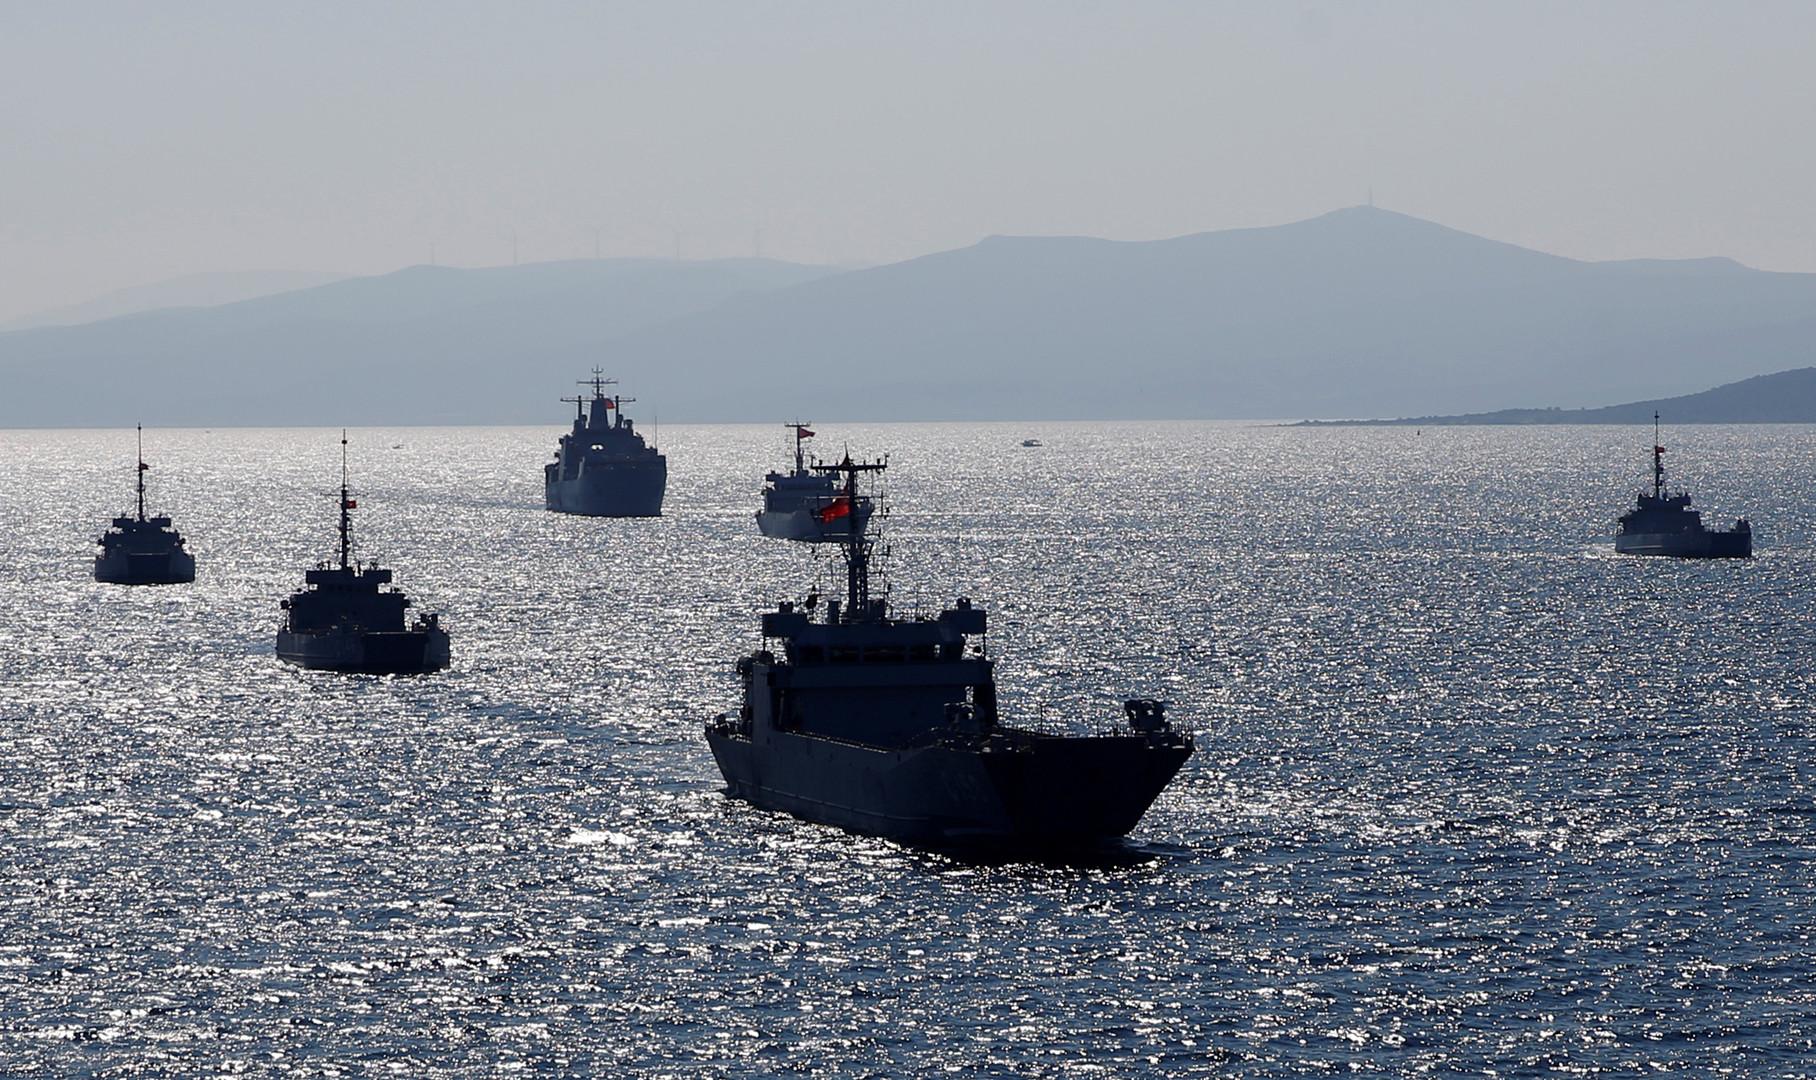 قارب يوناني يتحرش بسفينة تركية تزامنا مع مناورات